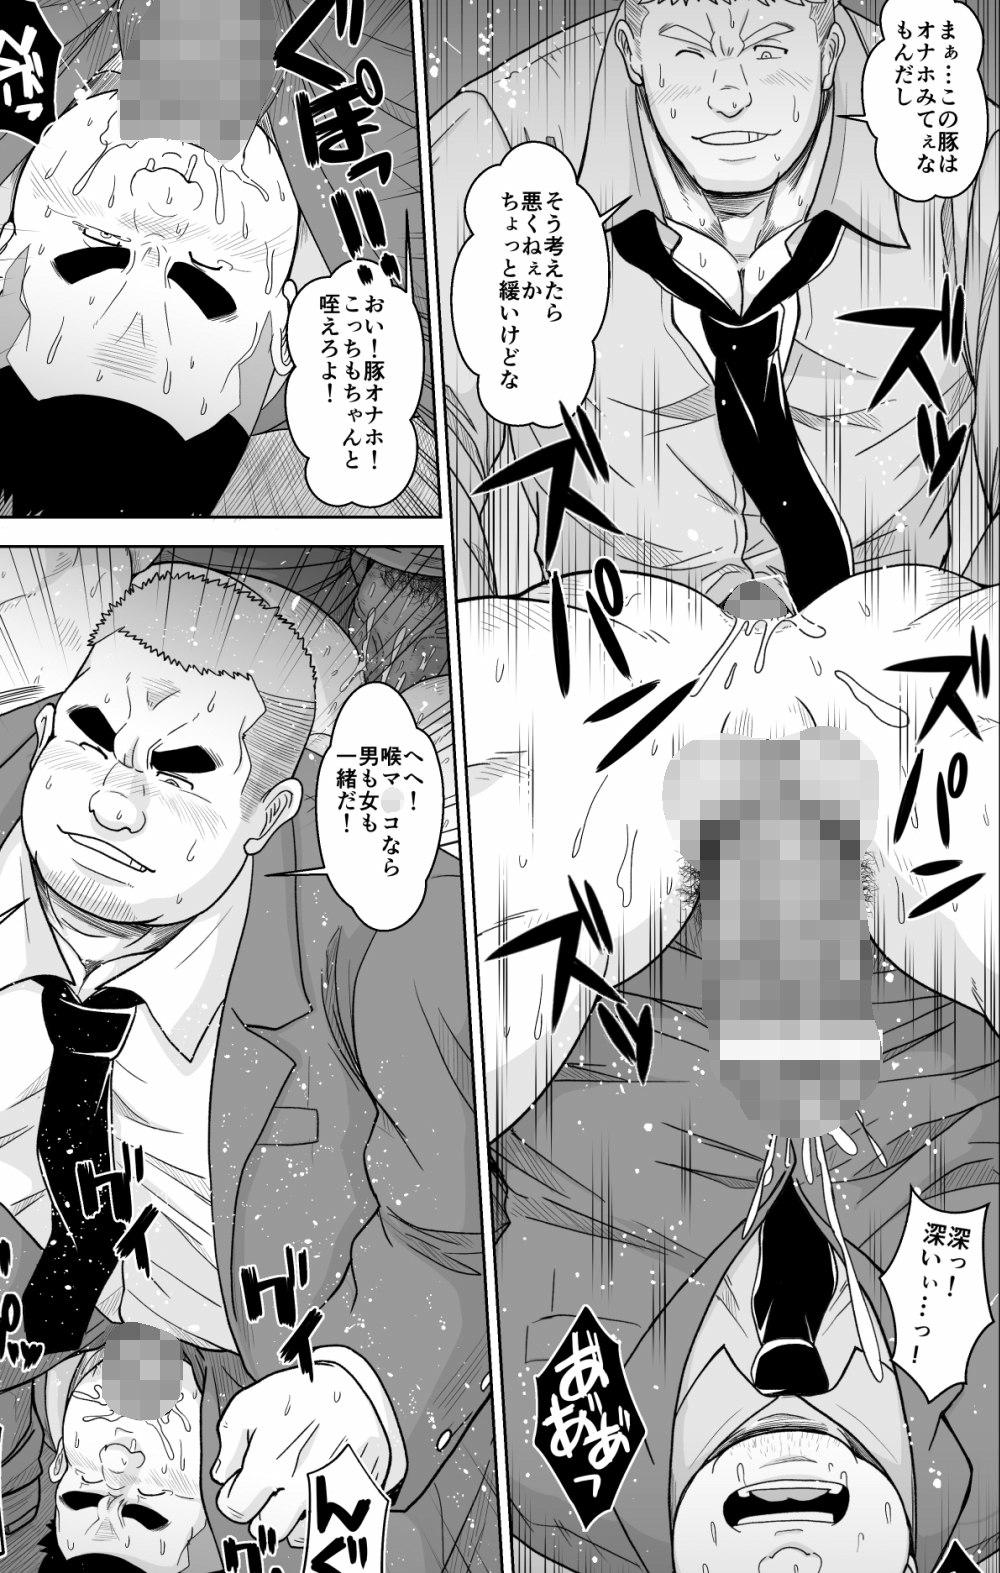 [べあている] の【社内奴隷】